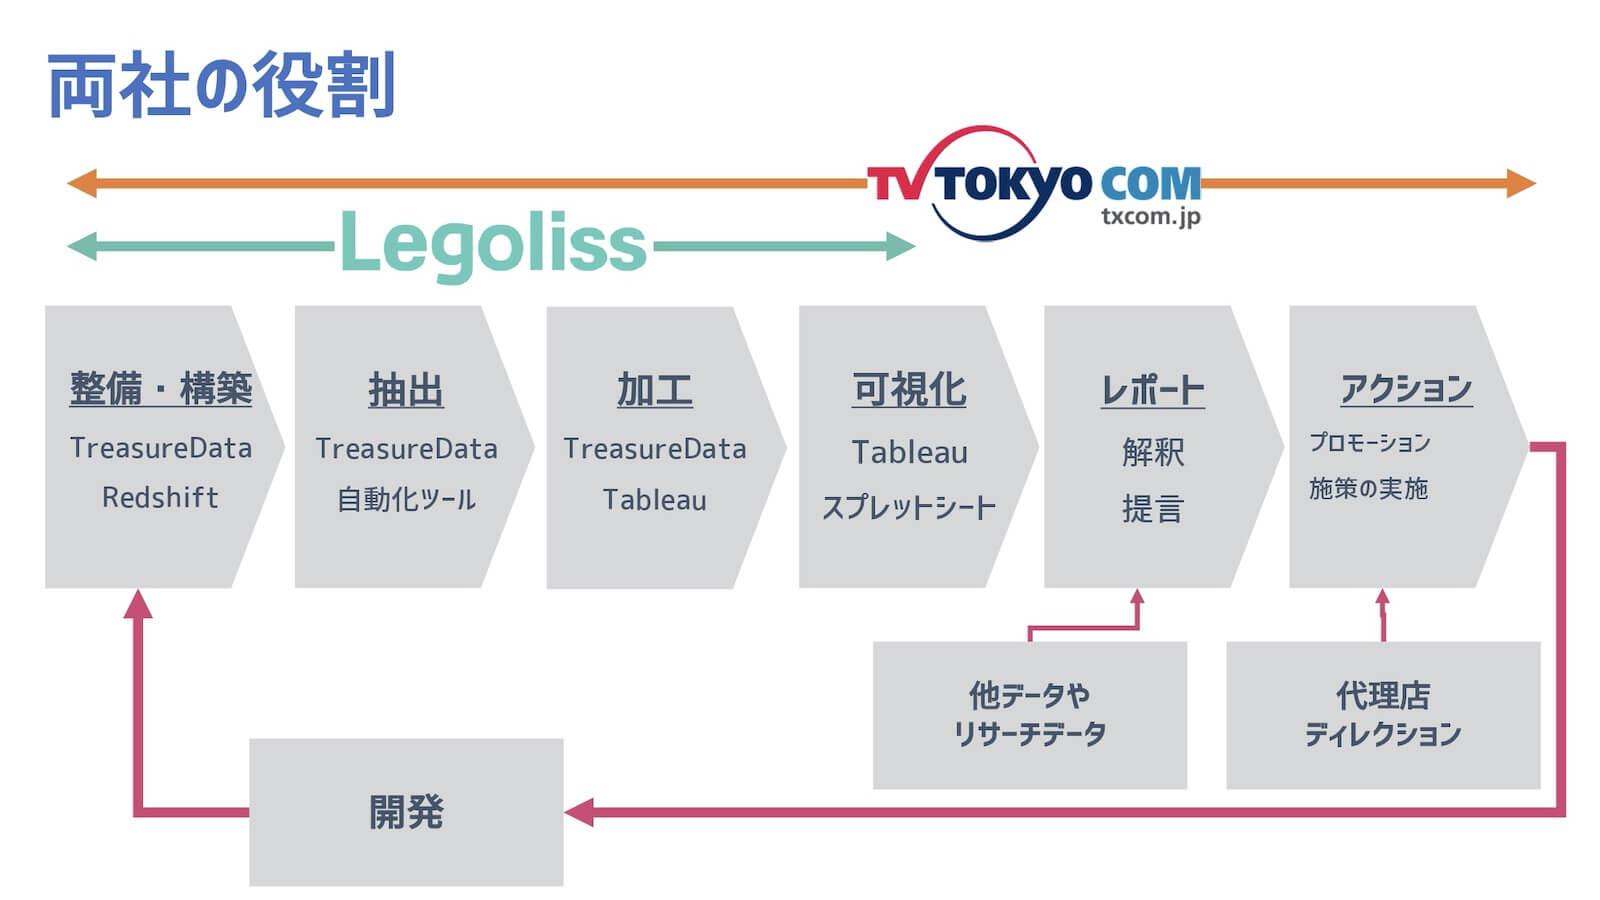 テレビ東京とLegolissの役割図